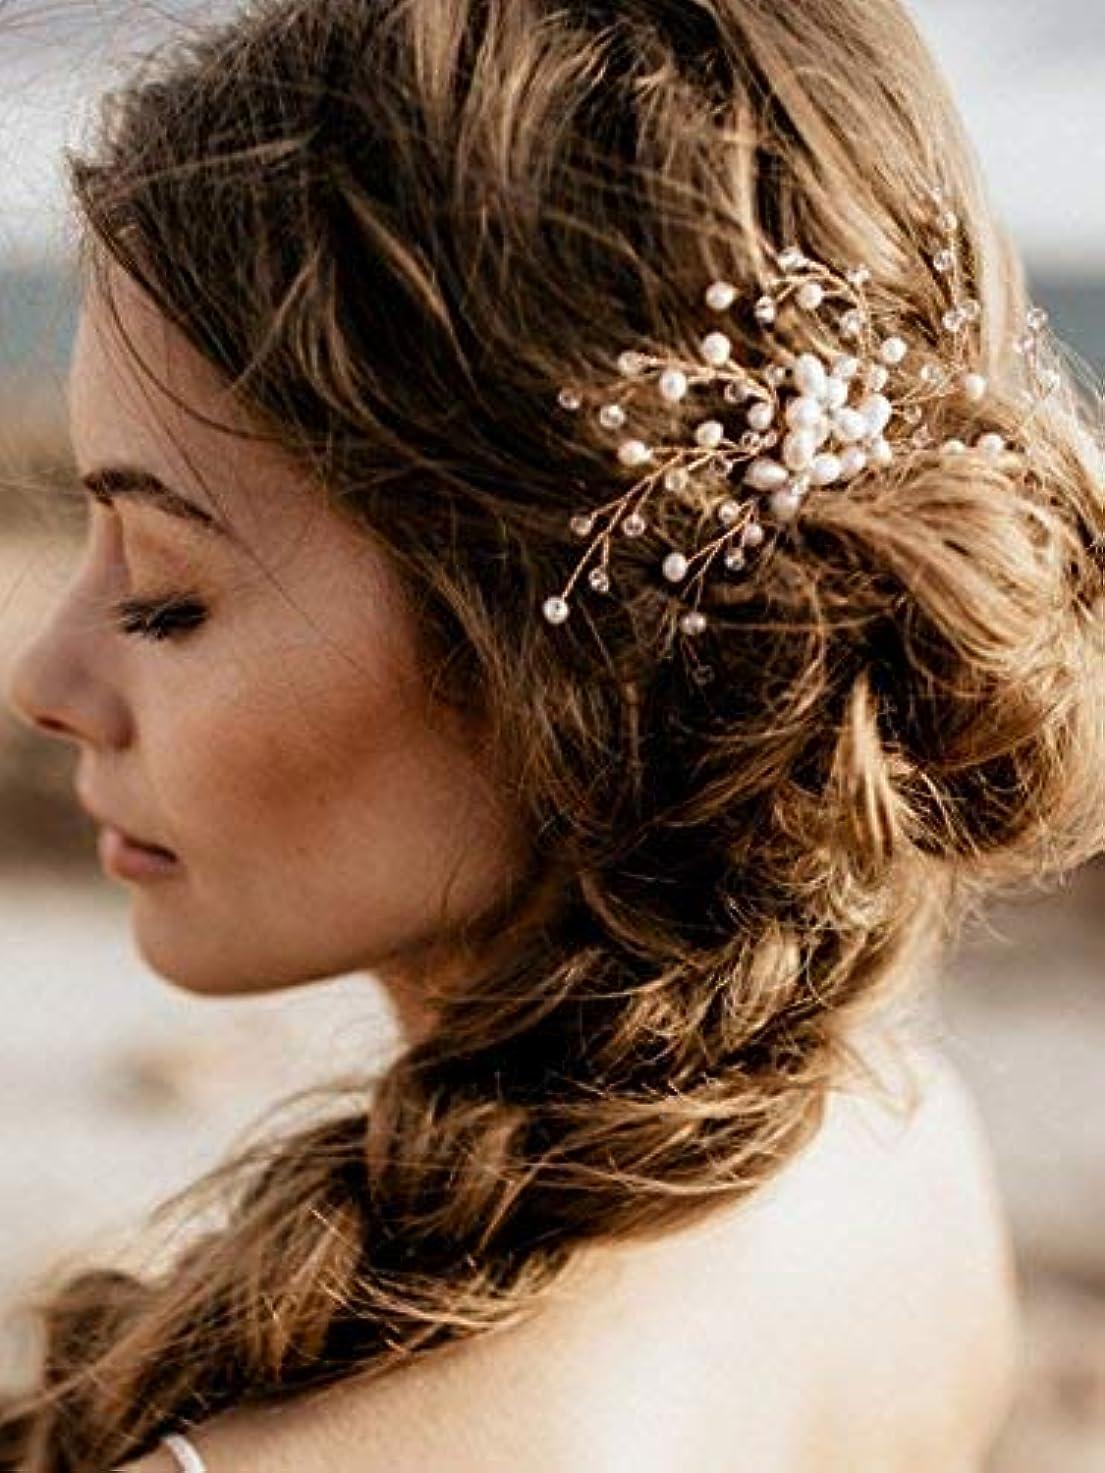 保険をかける若い感染するFXmimior Vintage Bridal Women Vintage Wedding Party Hair Comb Crystal Vine Hair Accessories [並行輸入品]